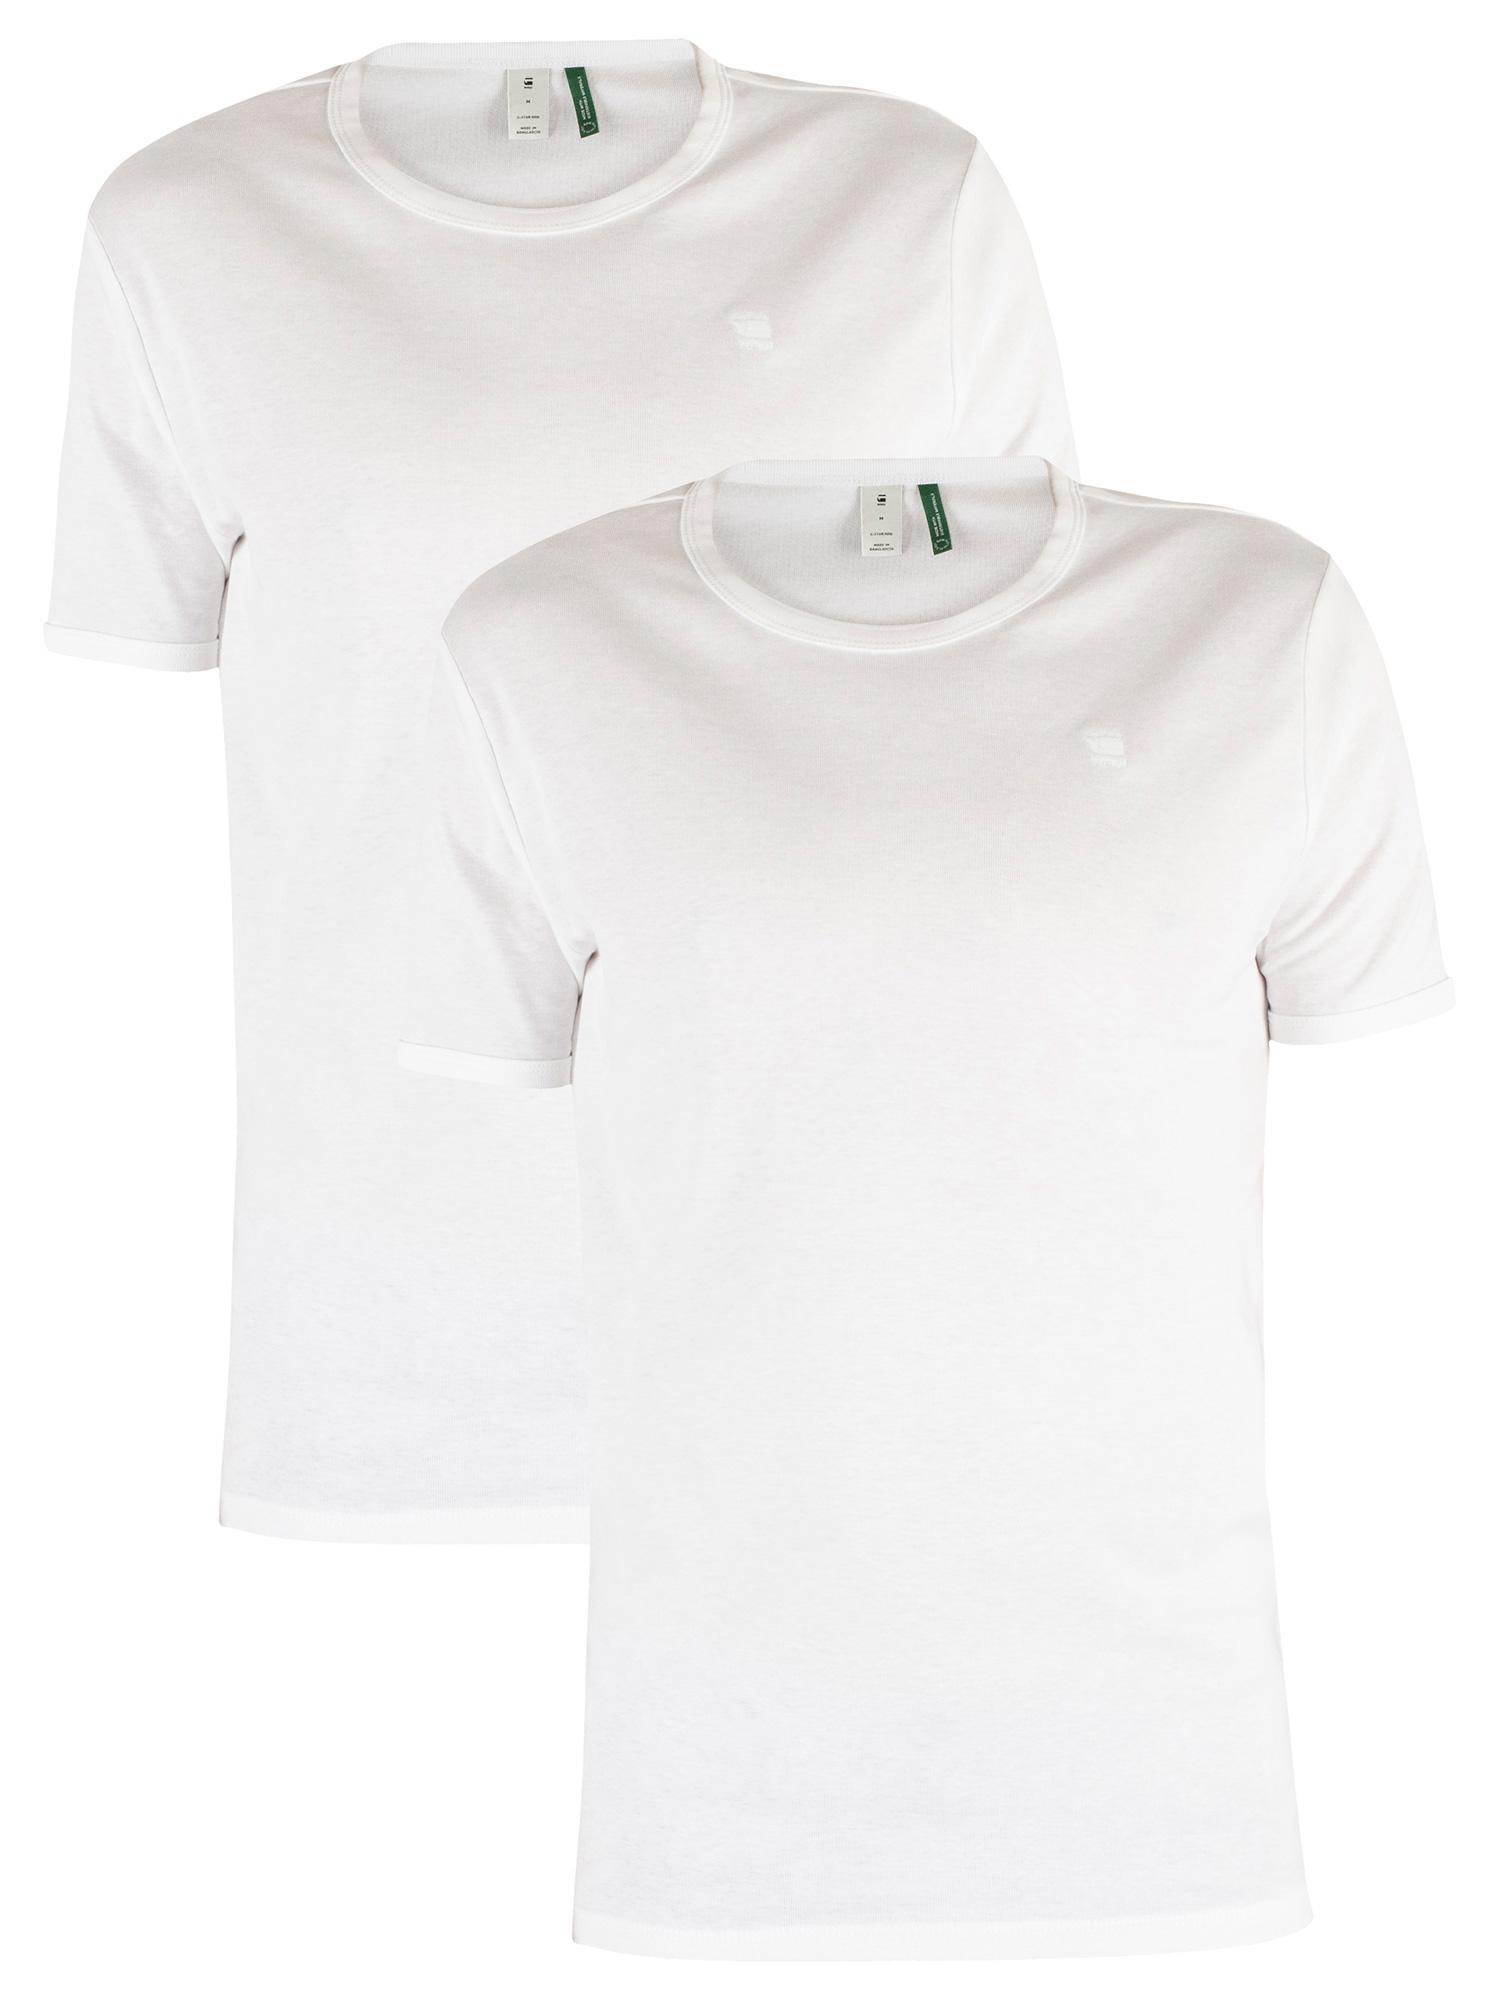 2-Pack-Slim-Crew-TShirts